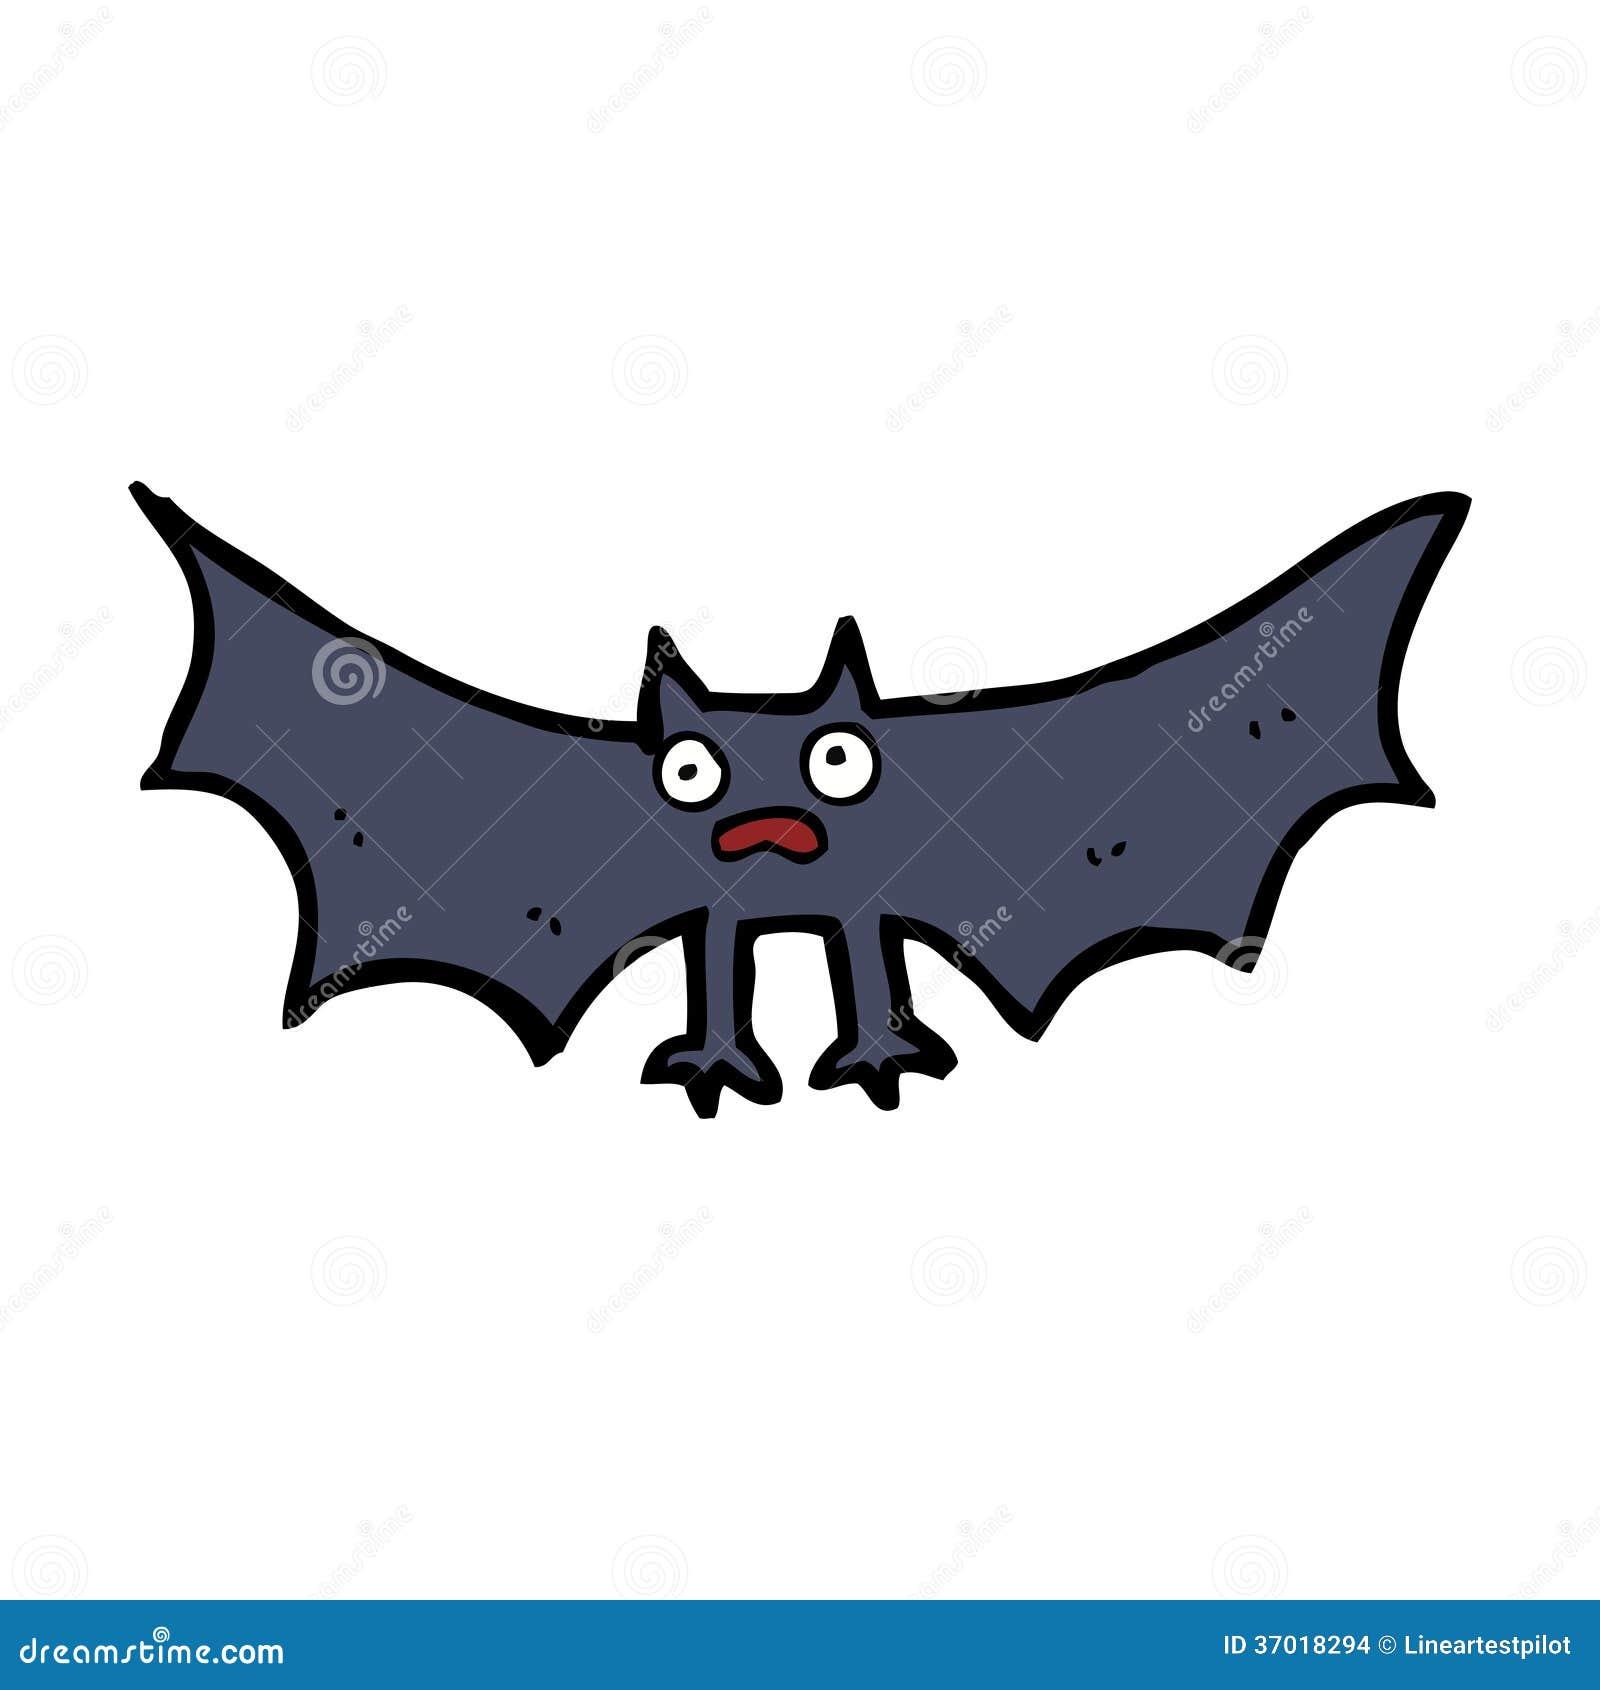 Cartoon Bats: Cartoon Bat Stock Images